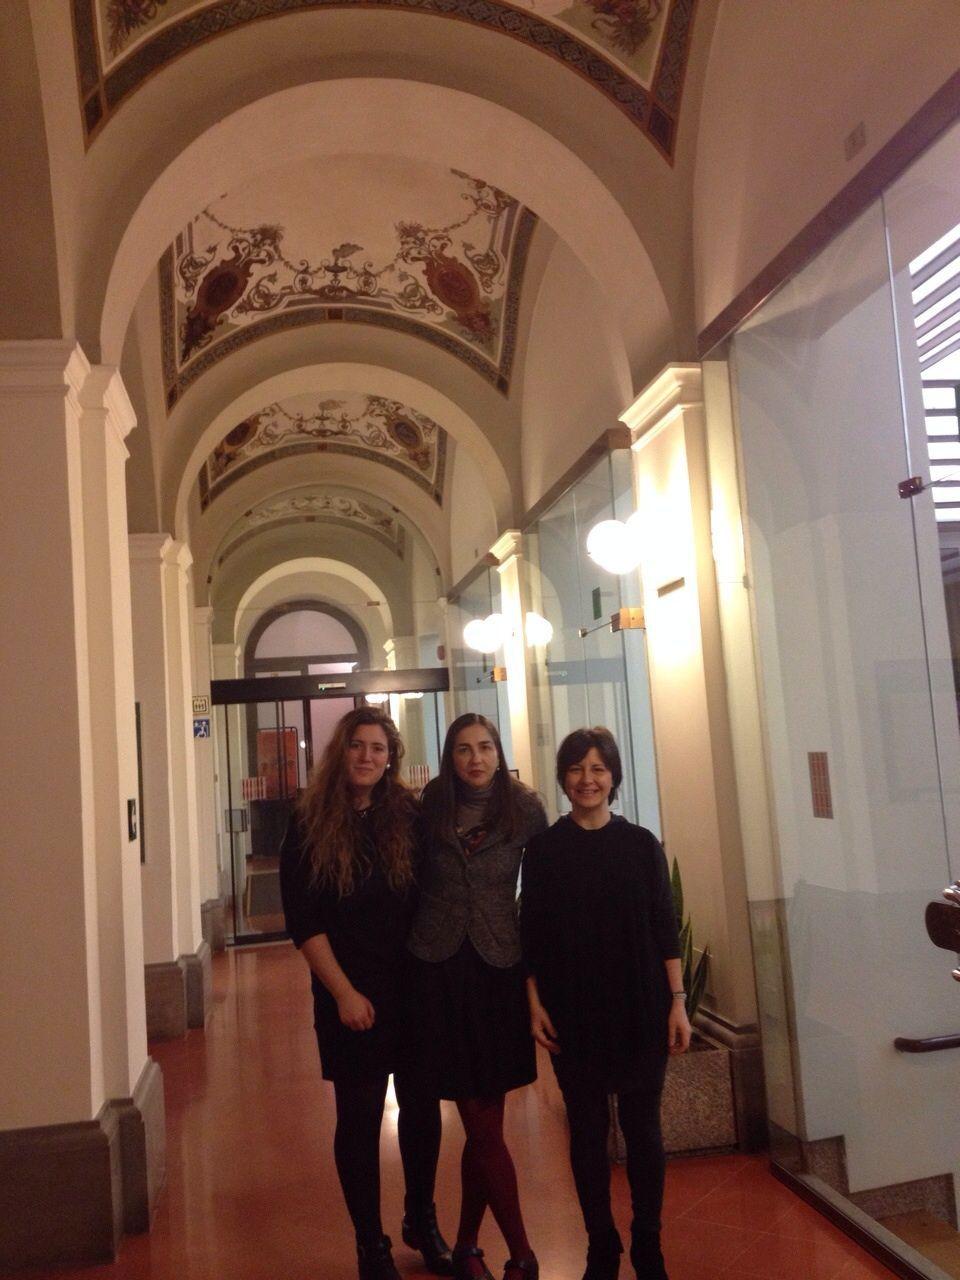 Rosa Estevan, Dña. Rosalba Iannucci (su tutora en la Asamblea, en la que es dirigente del Servicio de Estudios) y la Profa. Susana Sanz